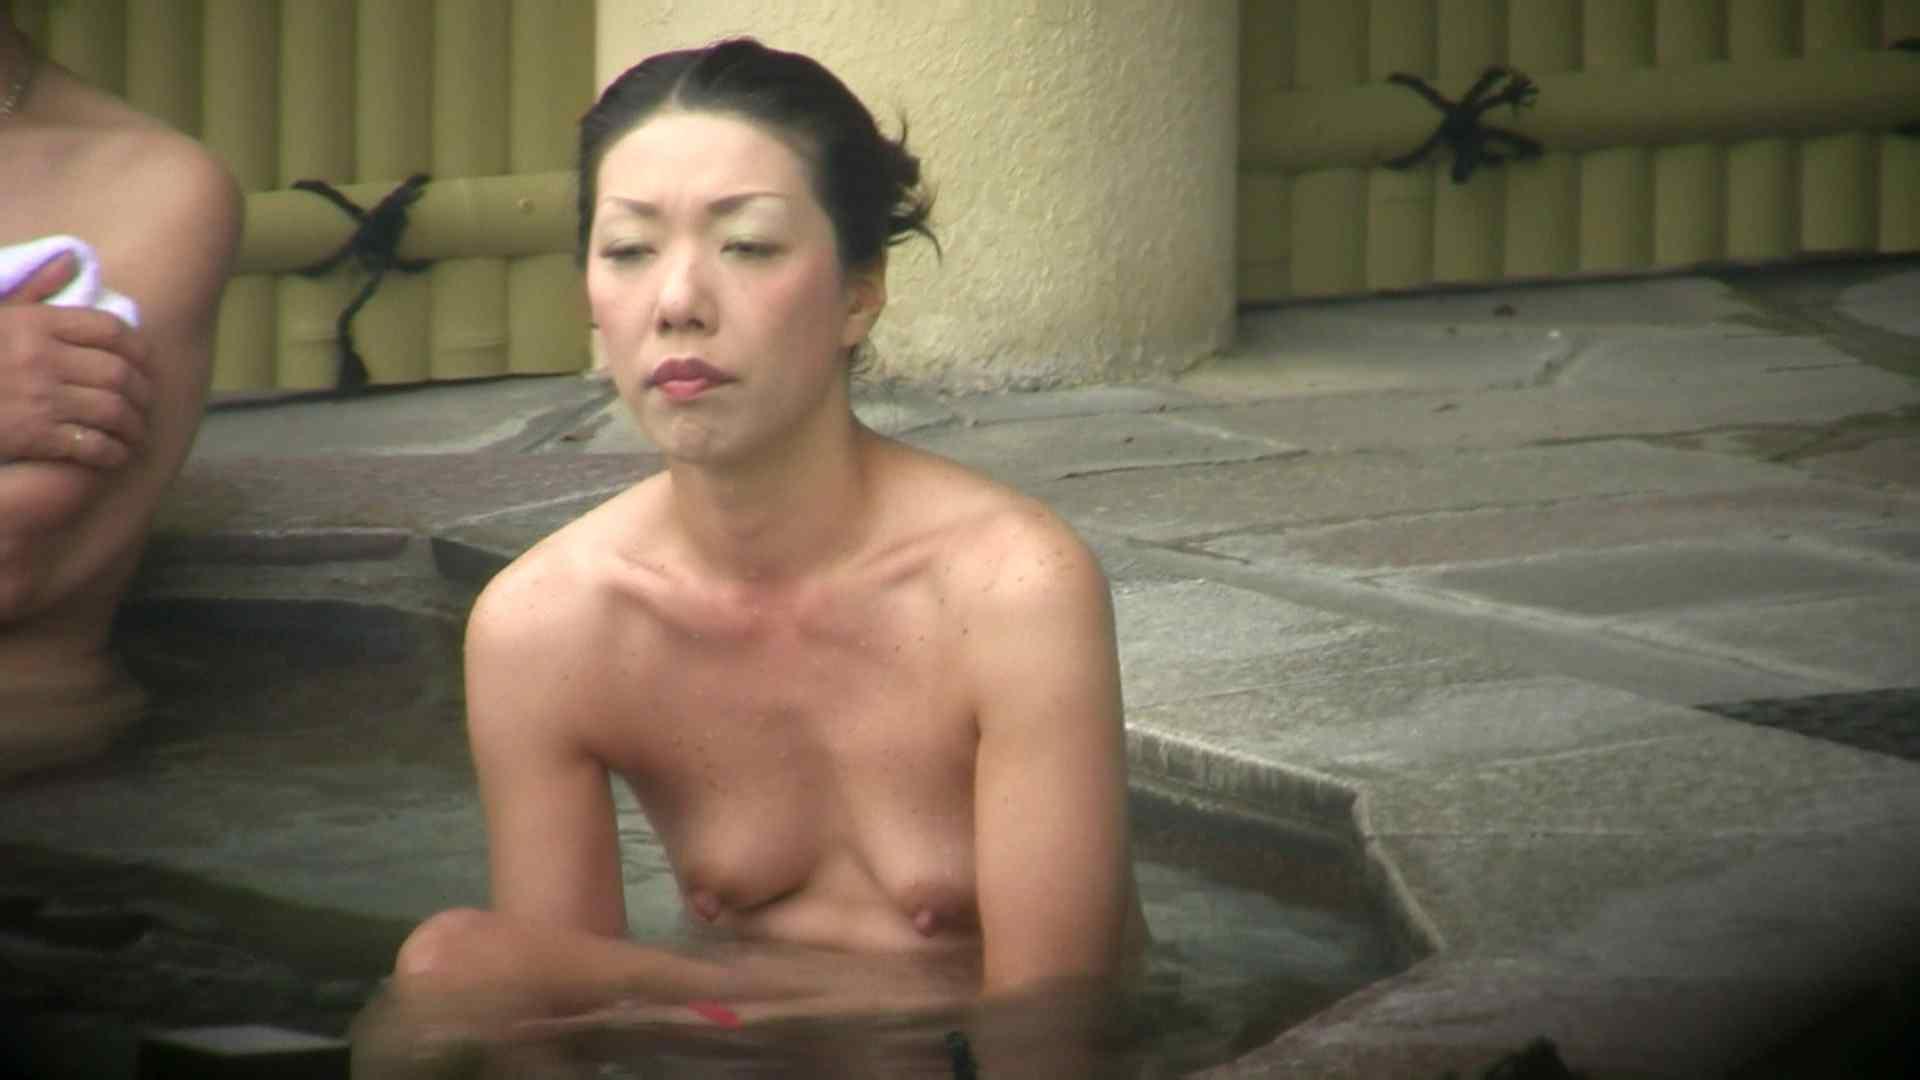 高画質露天女風呂観察 vol.036 高画質 | 女風呂  85pic 23